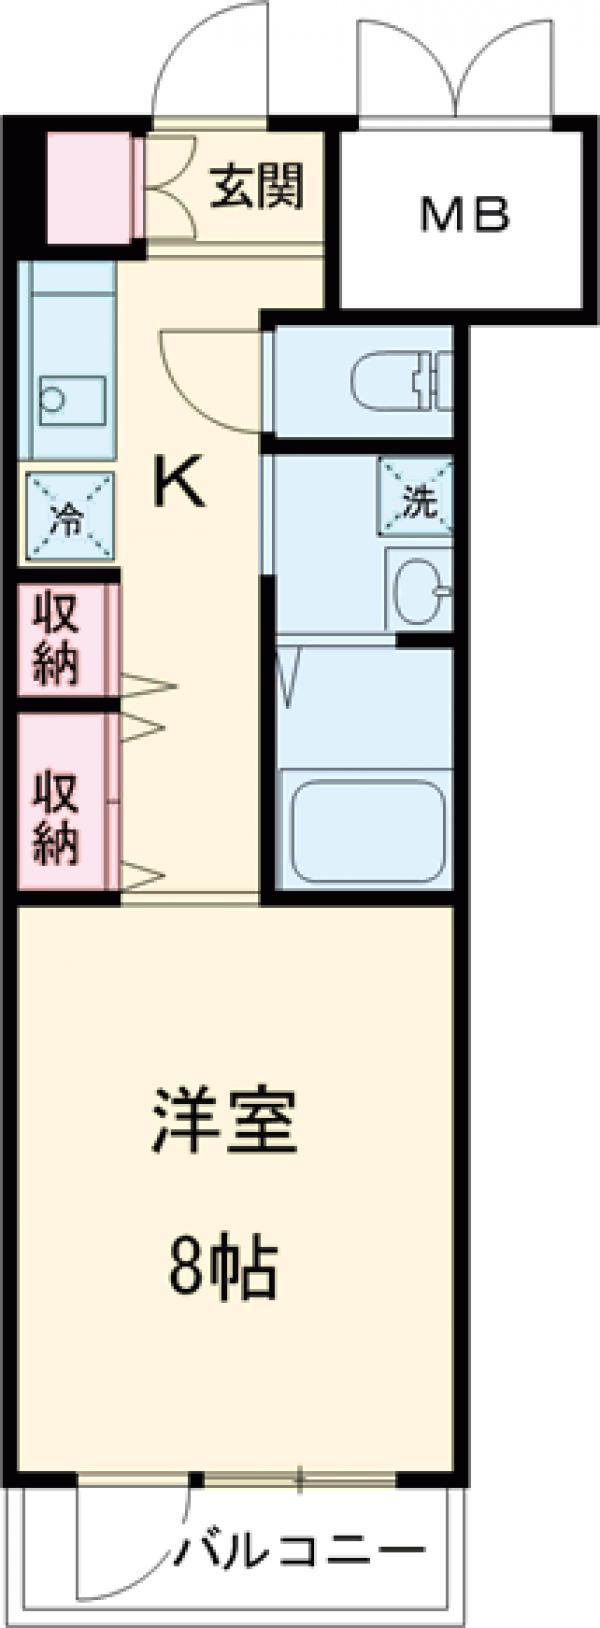 グリーンバレー唐木田 606号室の間取り